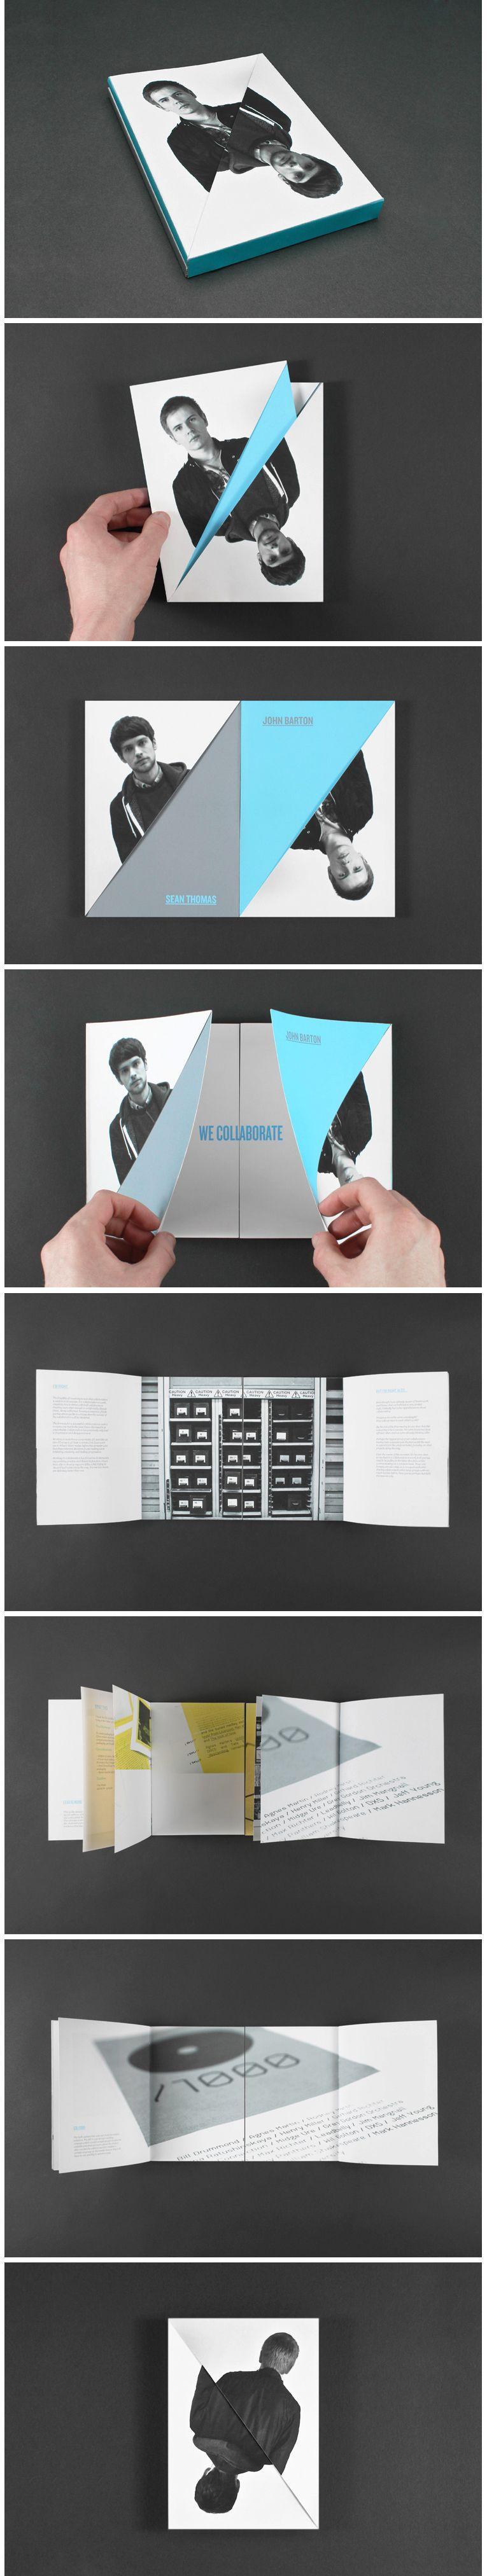 d u00e9coupe  u0026 pliage - creative folding - oeuvre de papier